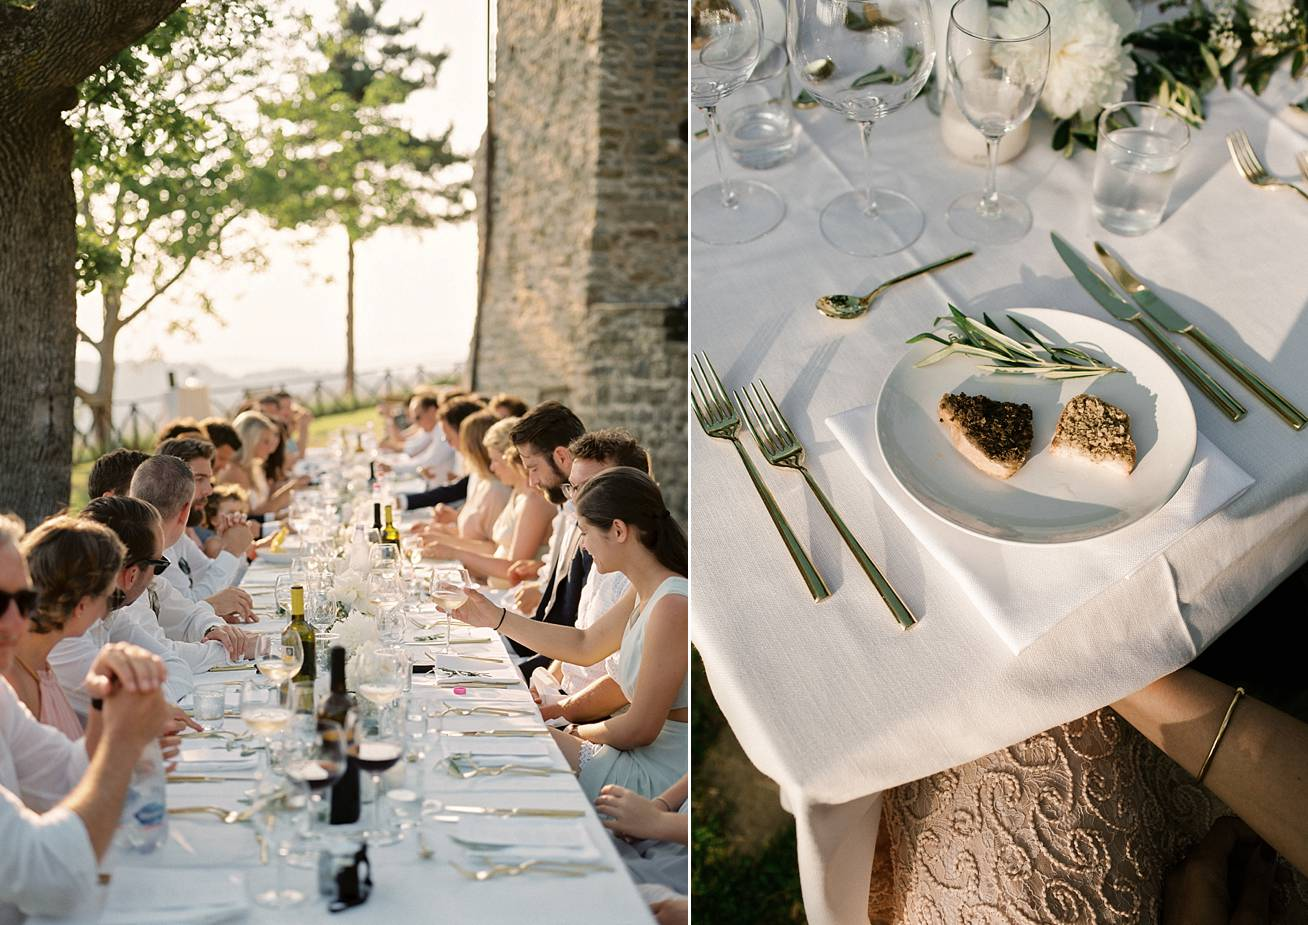 Amanda-Drost-Fotografie-trouwen-in-italie-bruidsfotografie_0097.jpg